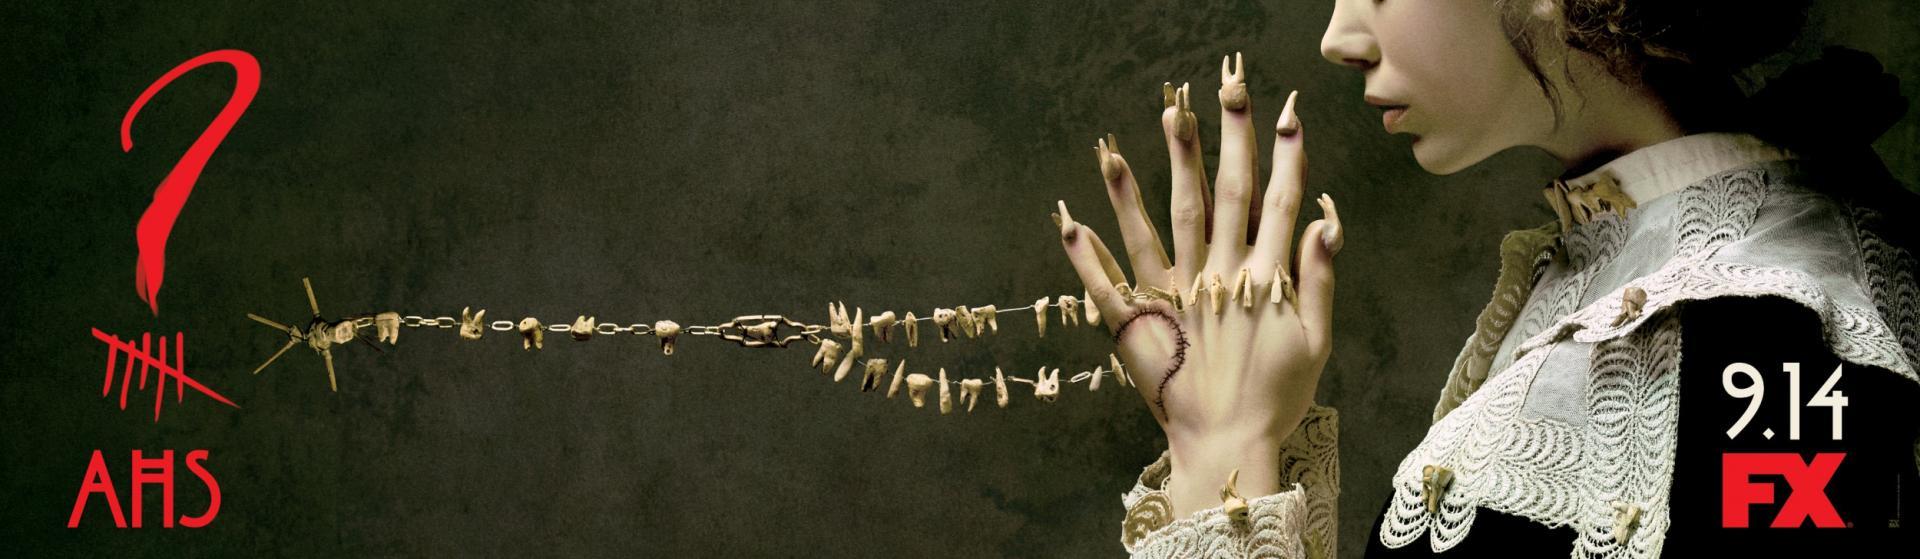 American Horror Story ?6 - kedvcsináló